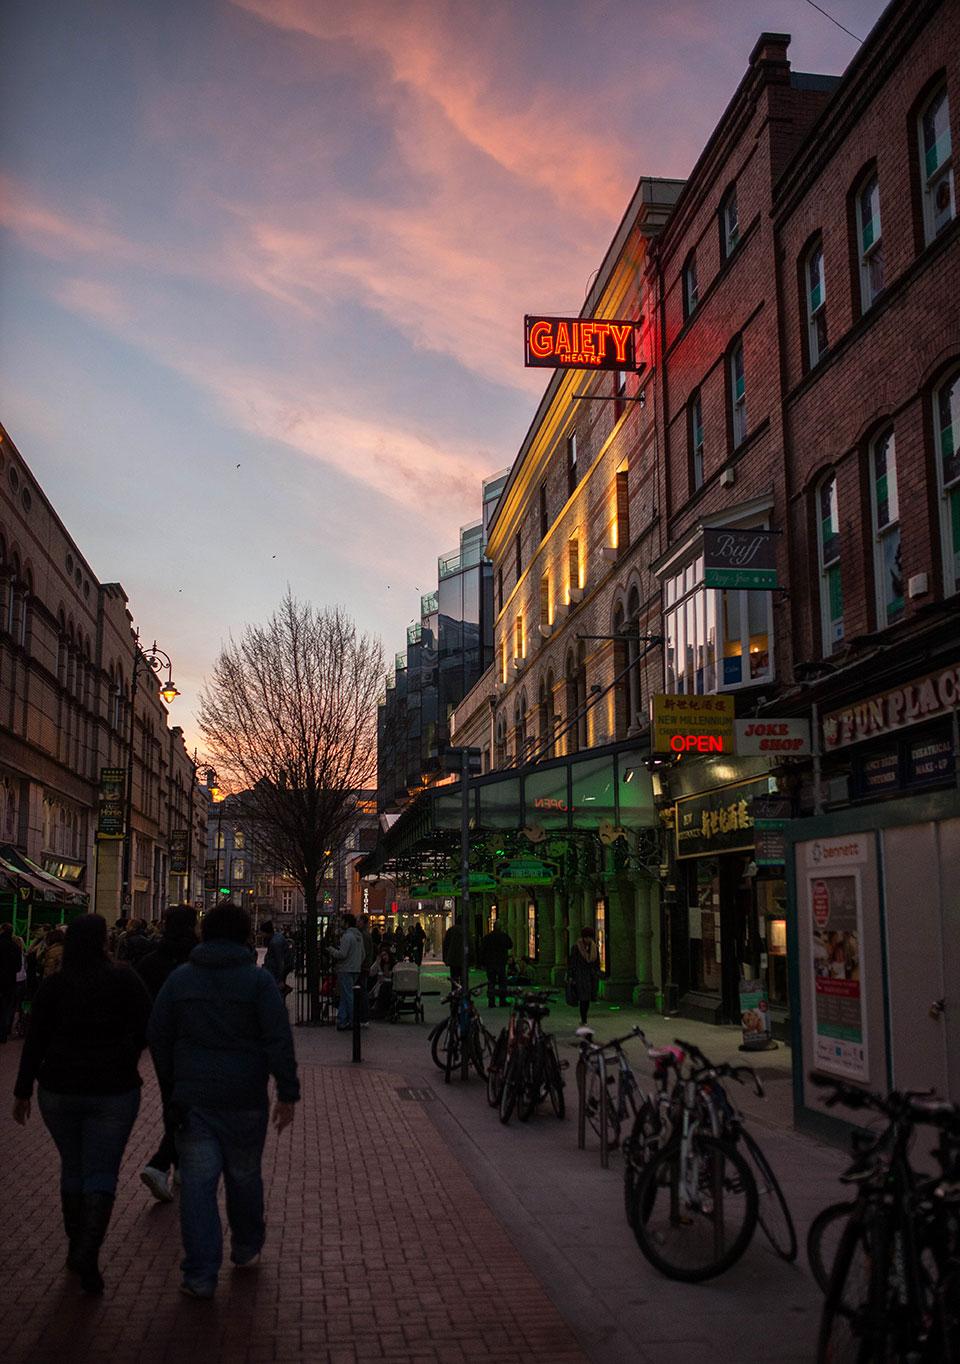 Dublin-Atmosphere—Gaeity